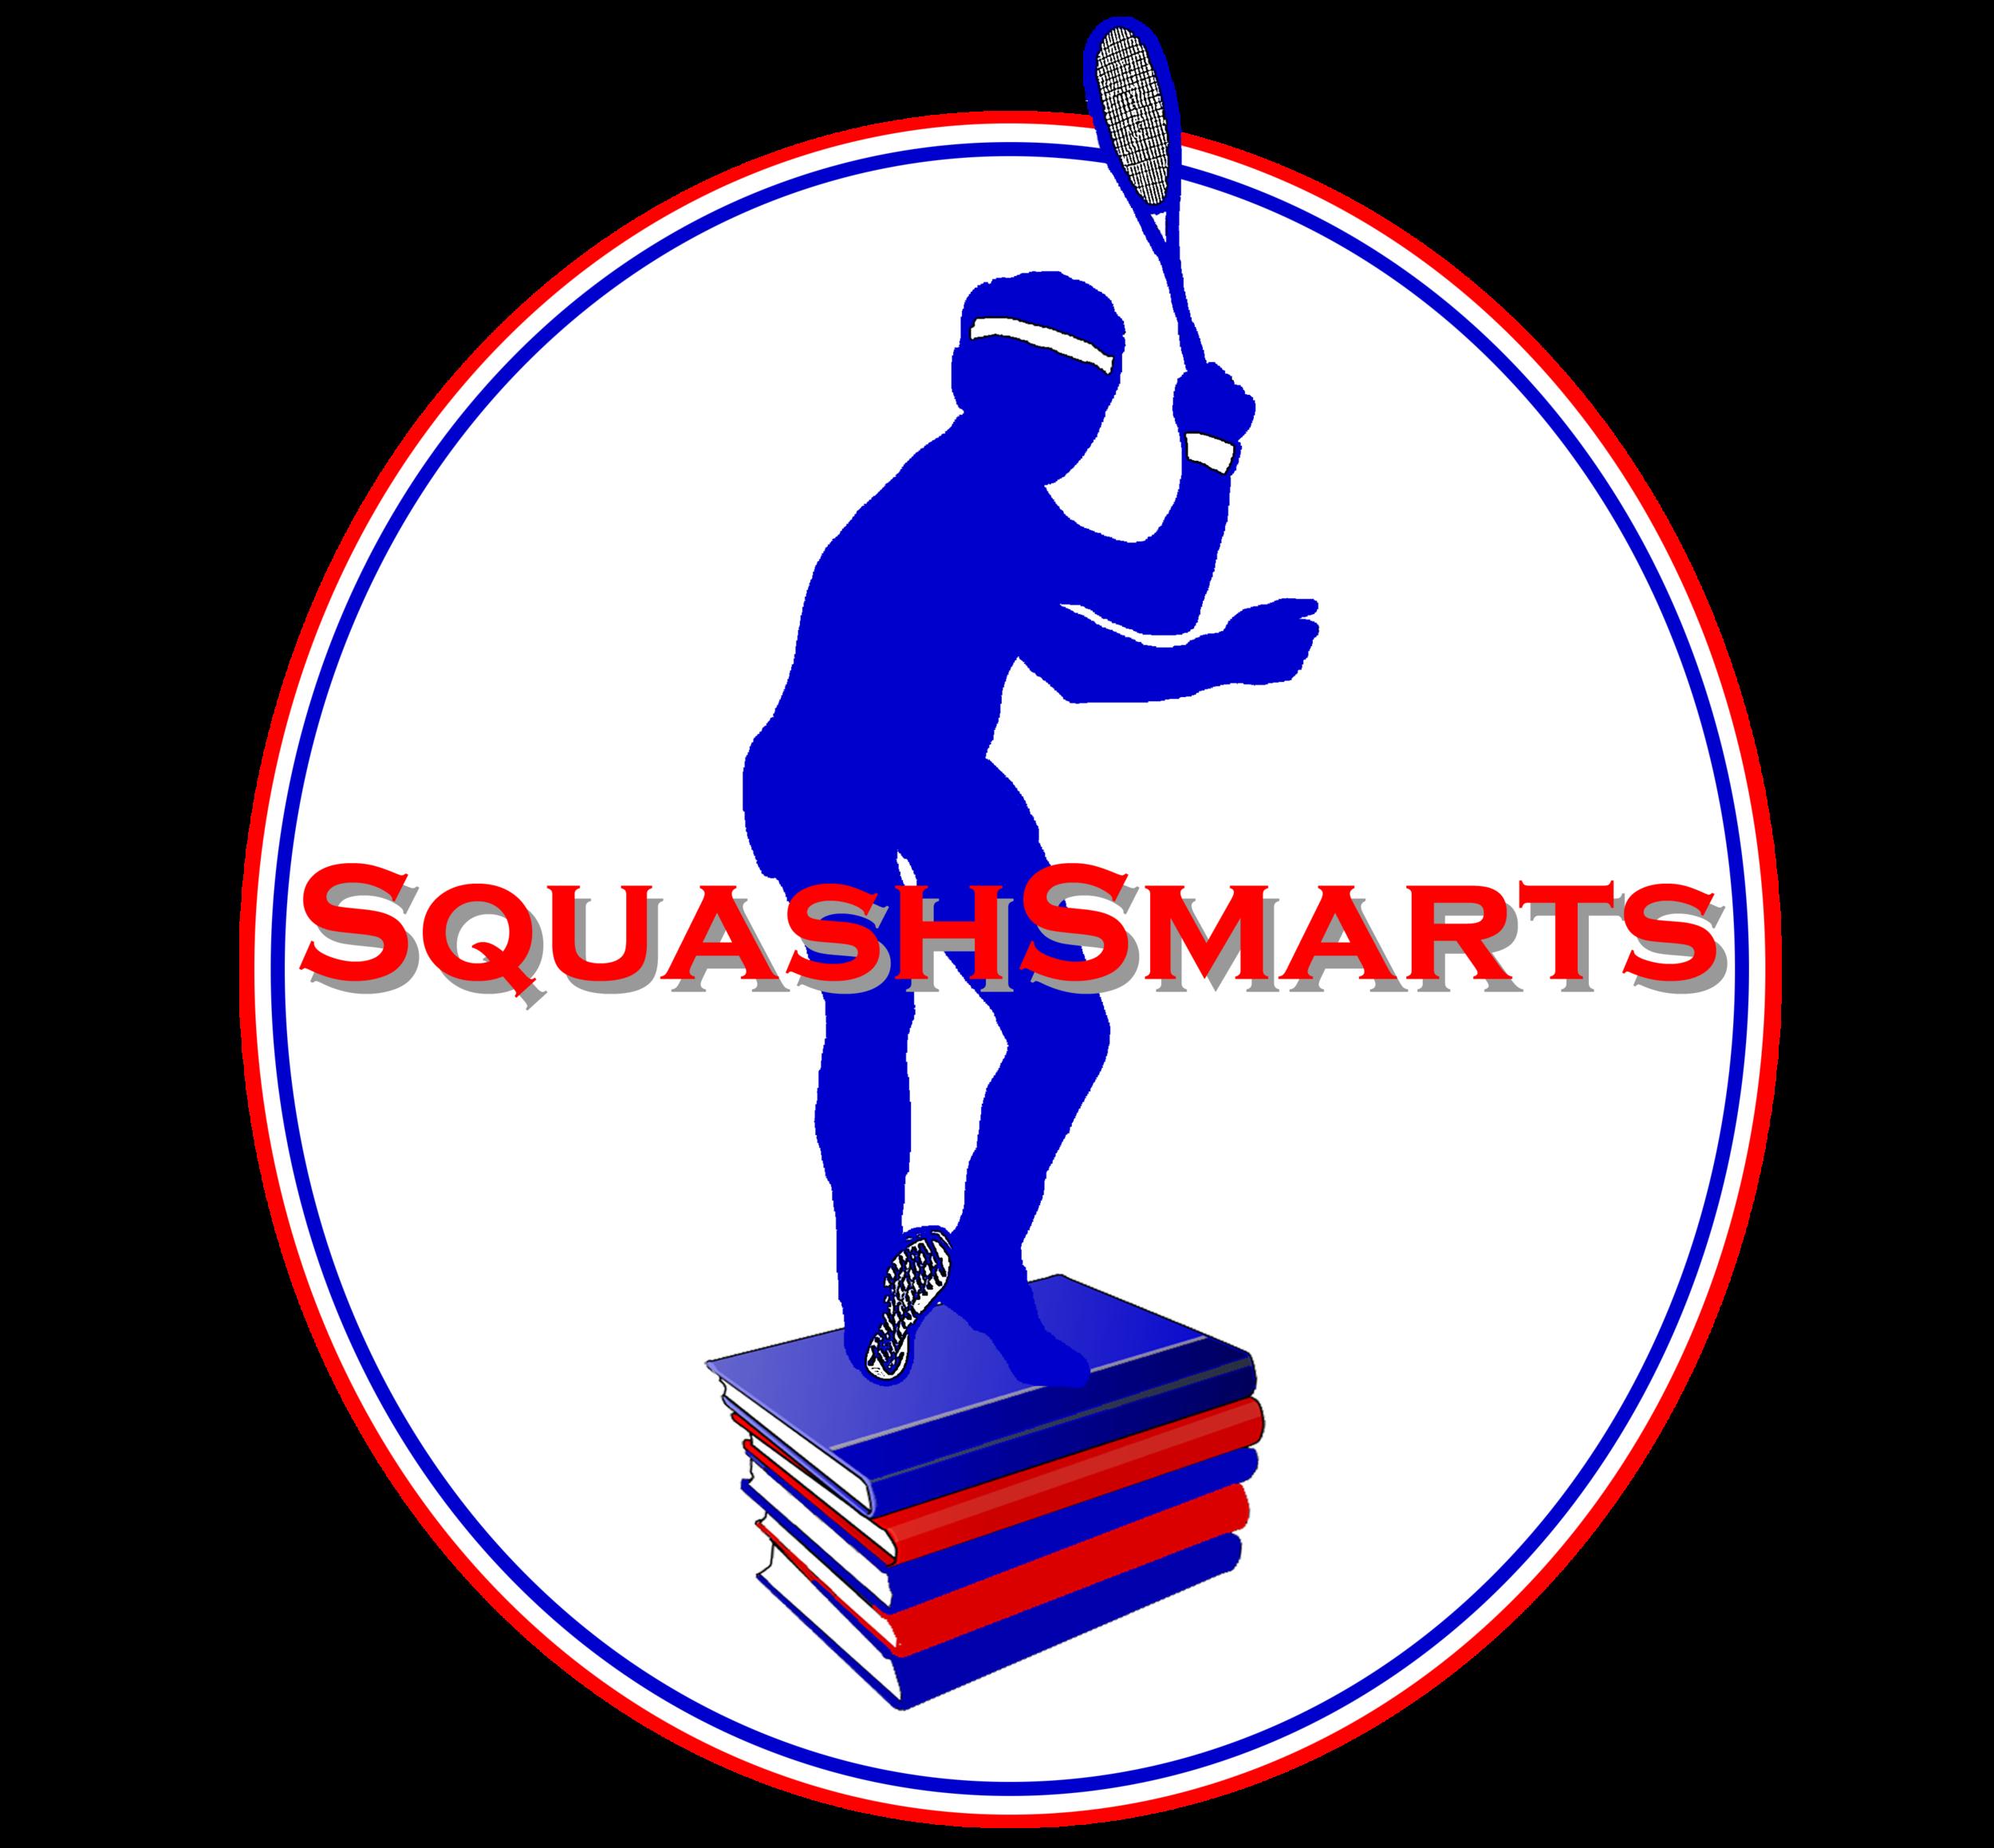 SquashSmartsLogo.png